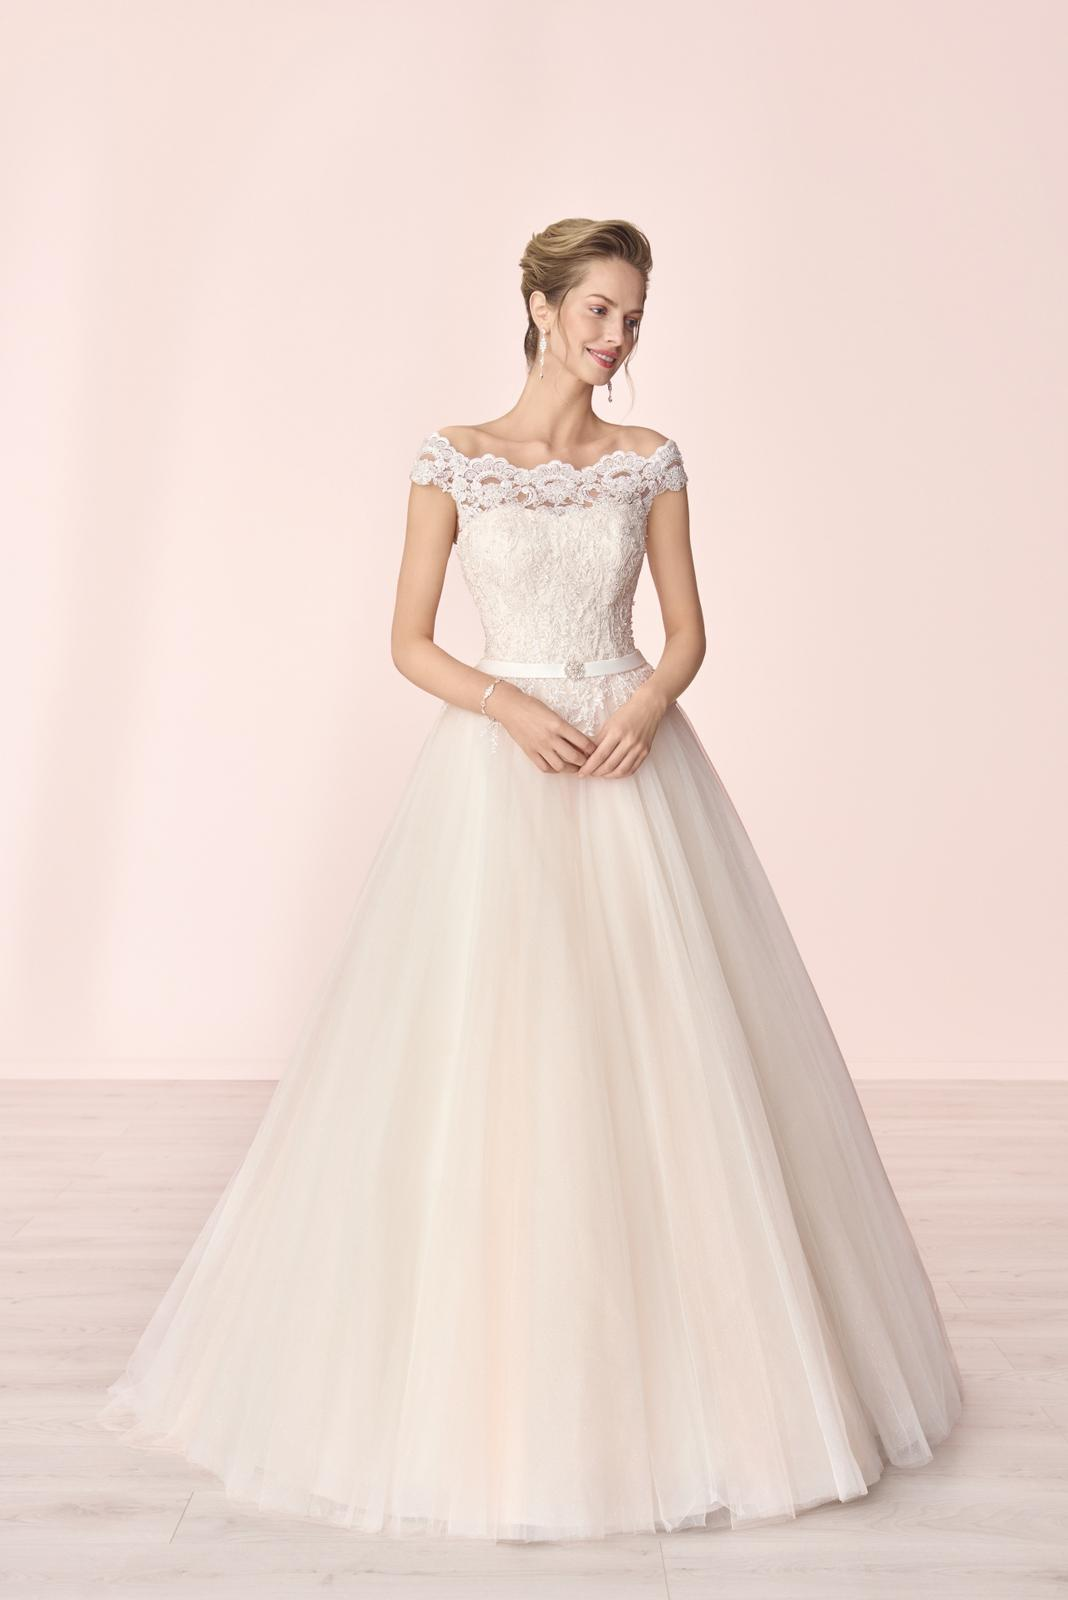 Nové svatební šaty zn. Elizabeth k vyzkoušení u nás v salonu. - Obrázek č. 4